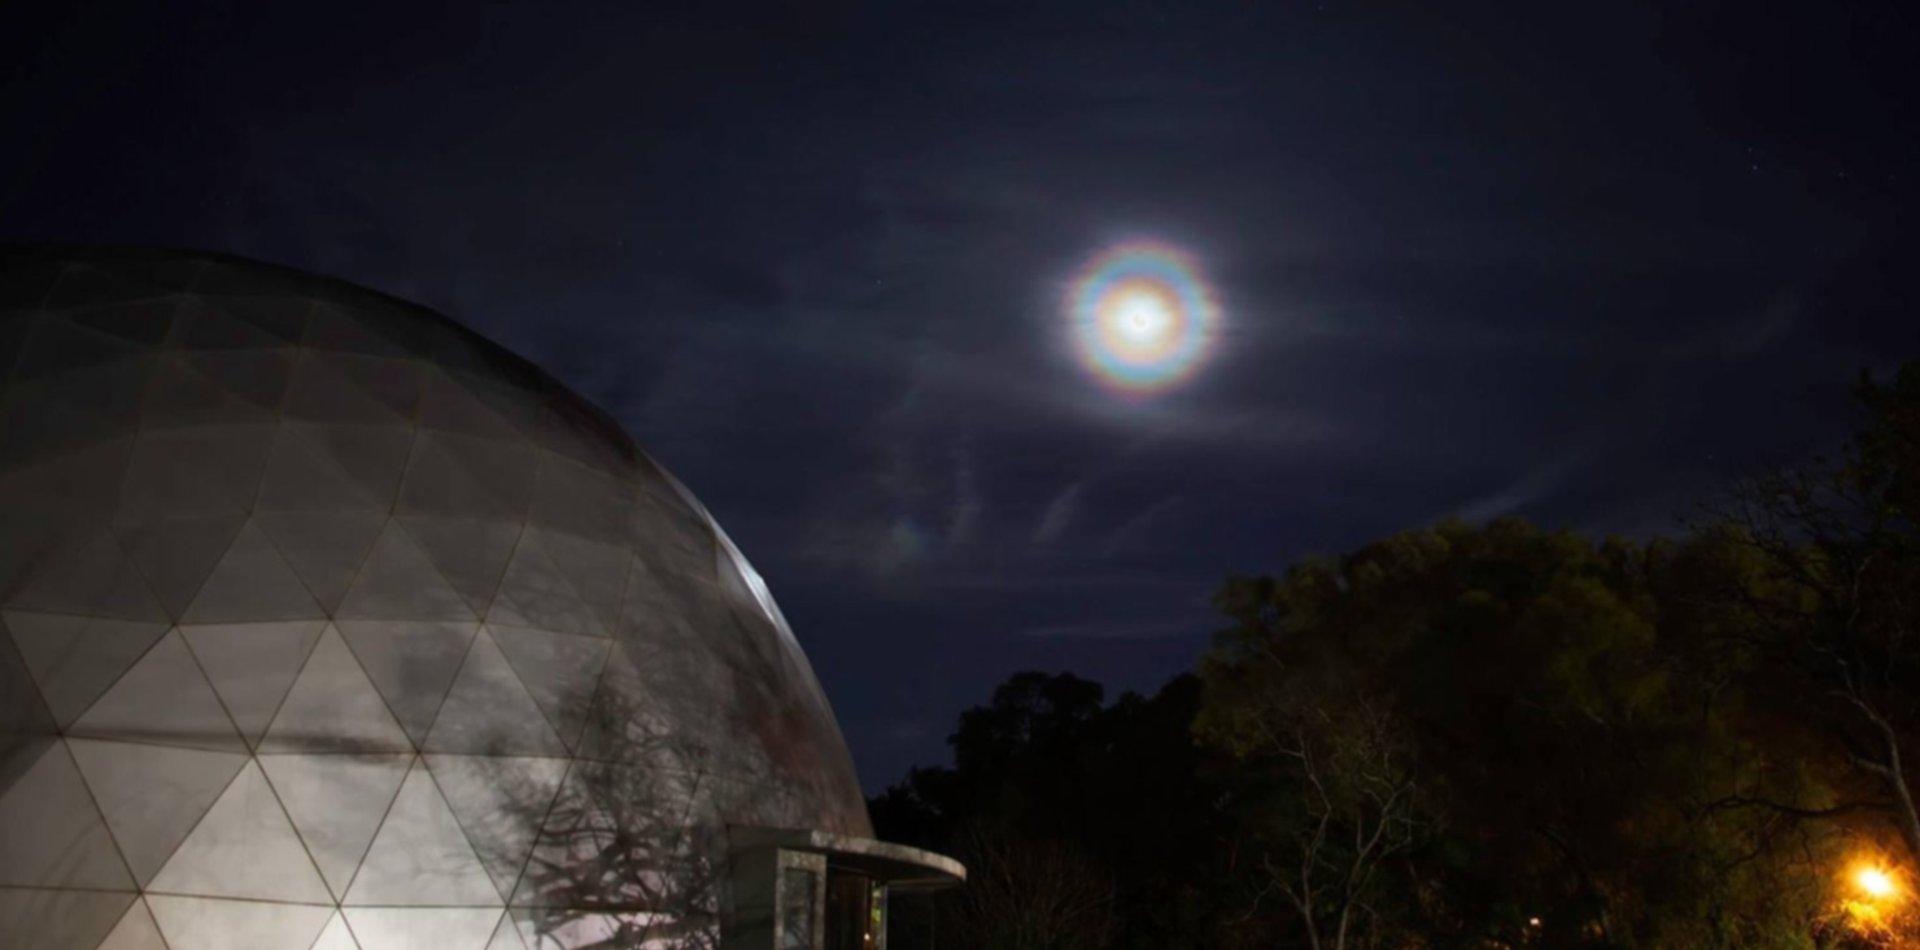 El director del Planetario de la UNLP lanza en YouTube un programa sobre noticias espaciales